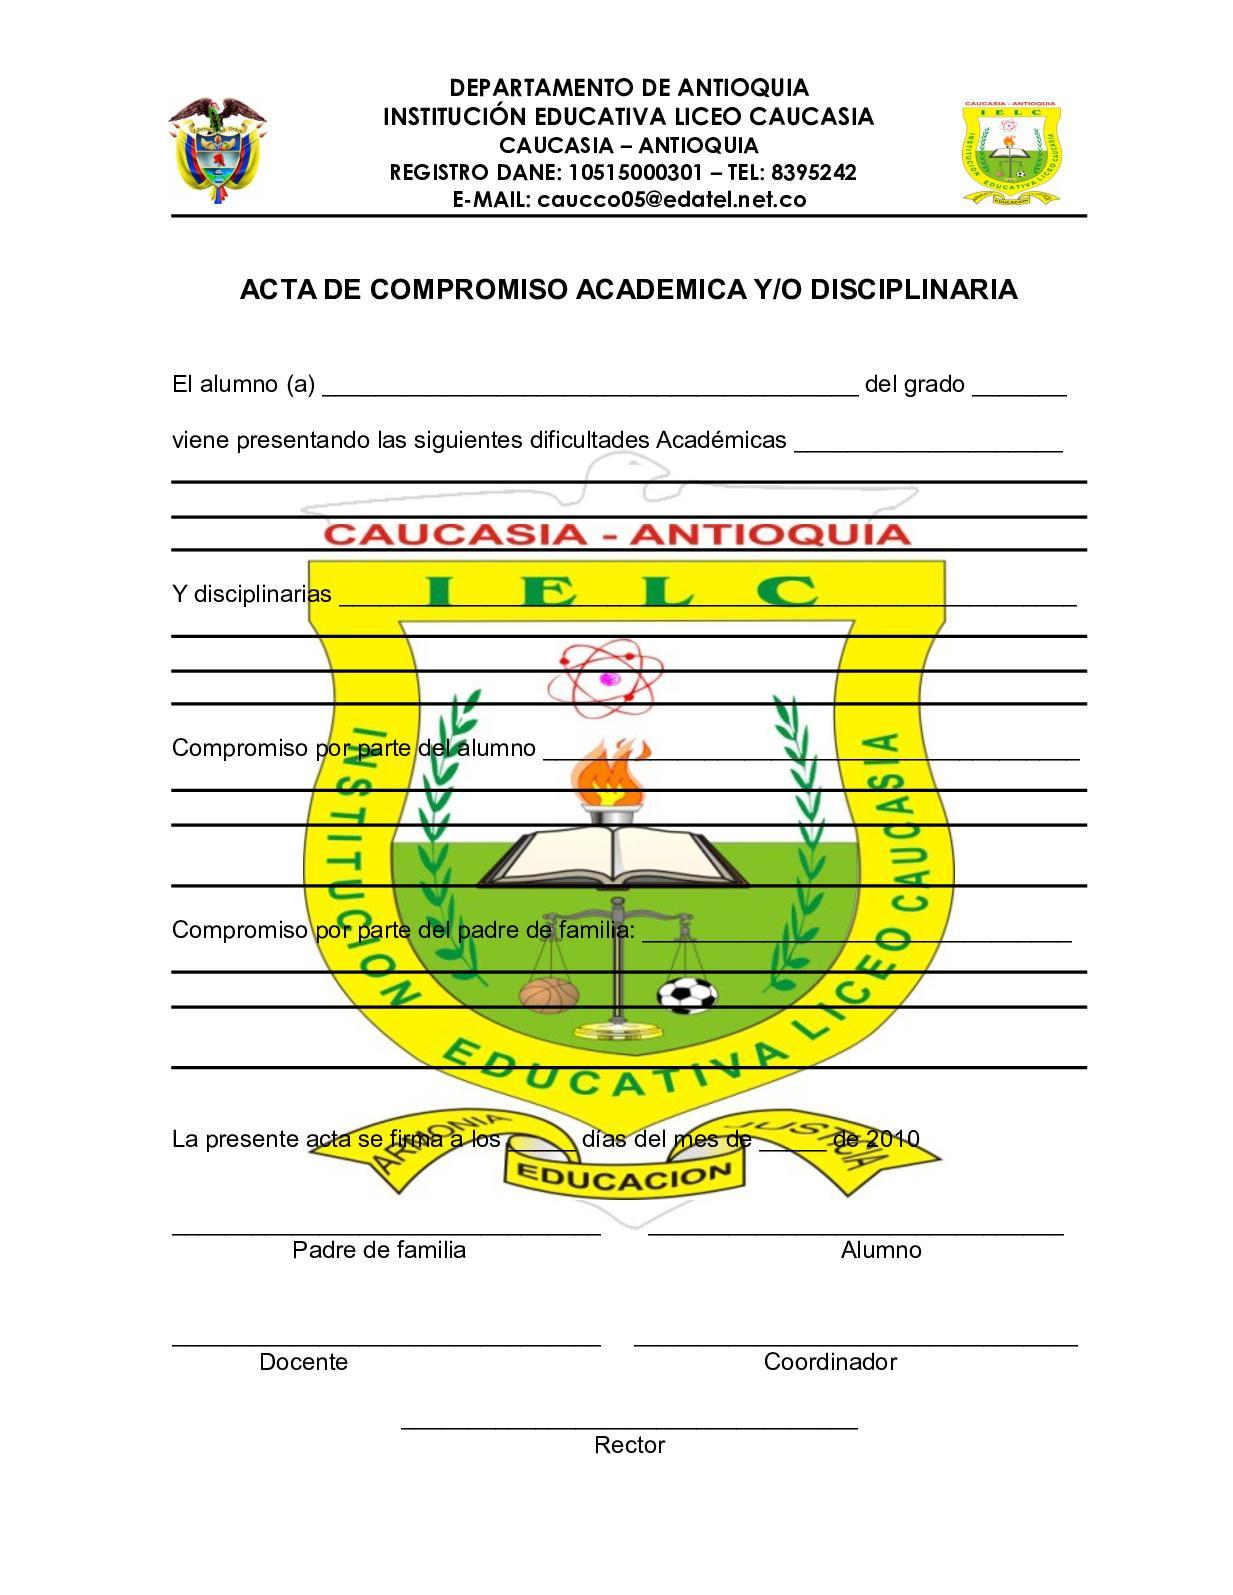 01 Acta De Compromiso Acad Y Disc